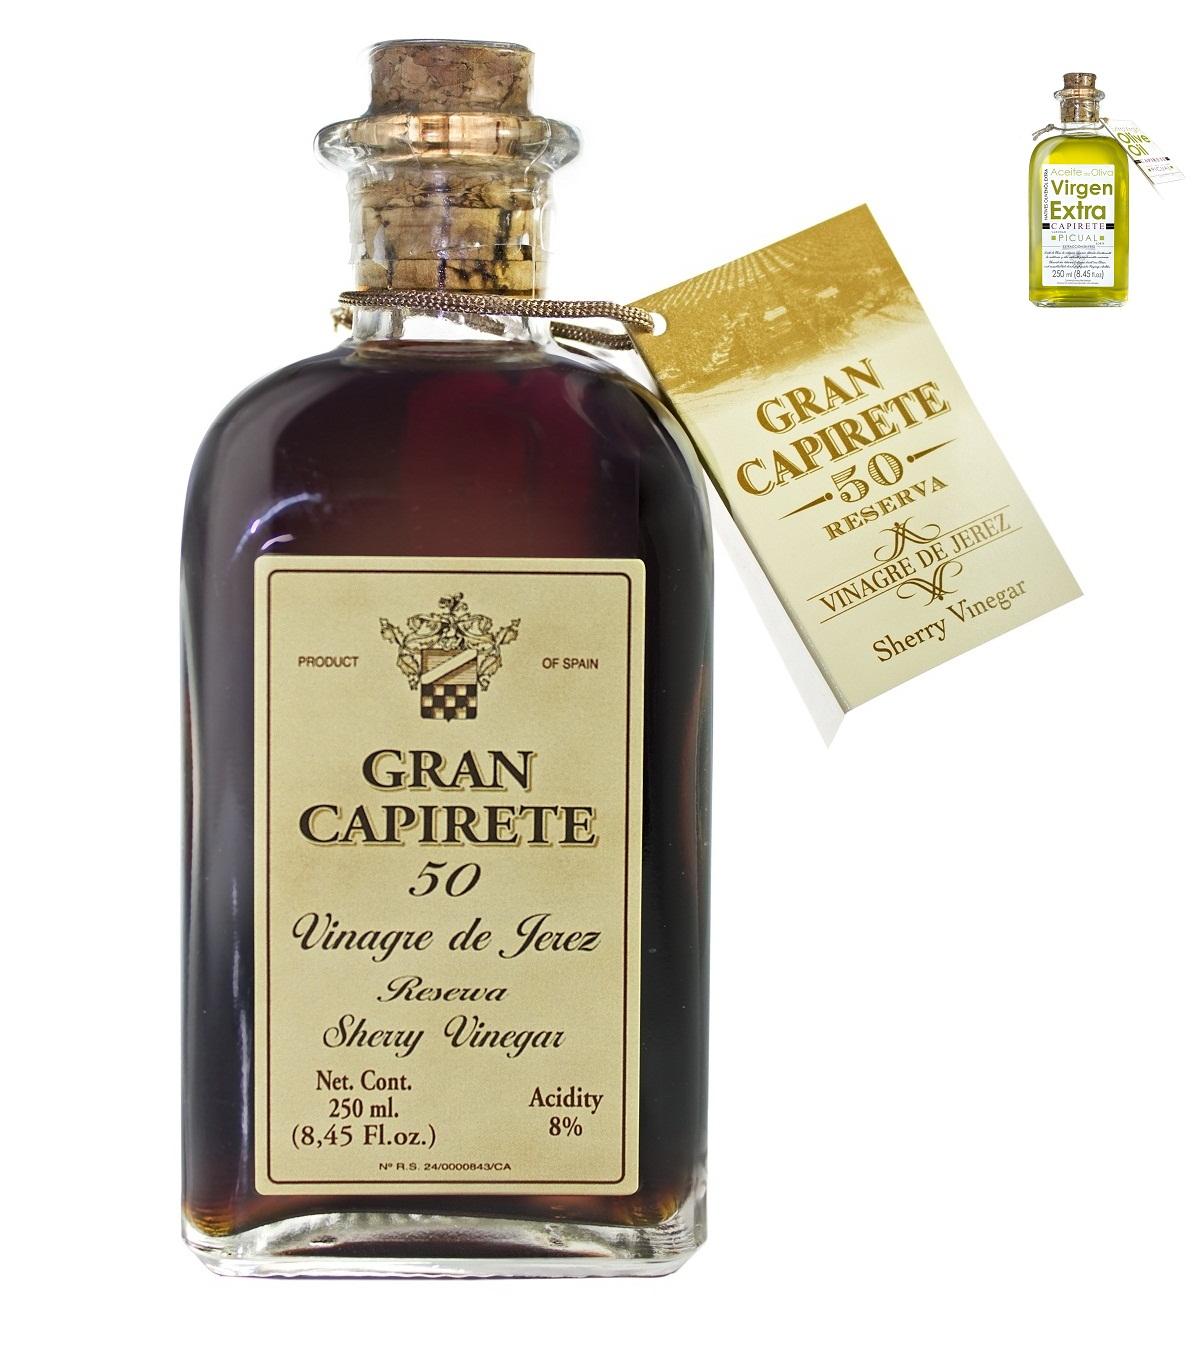 Vinaigre de Xérès et Huiles d'Olive Vierges Extra - 250 ml